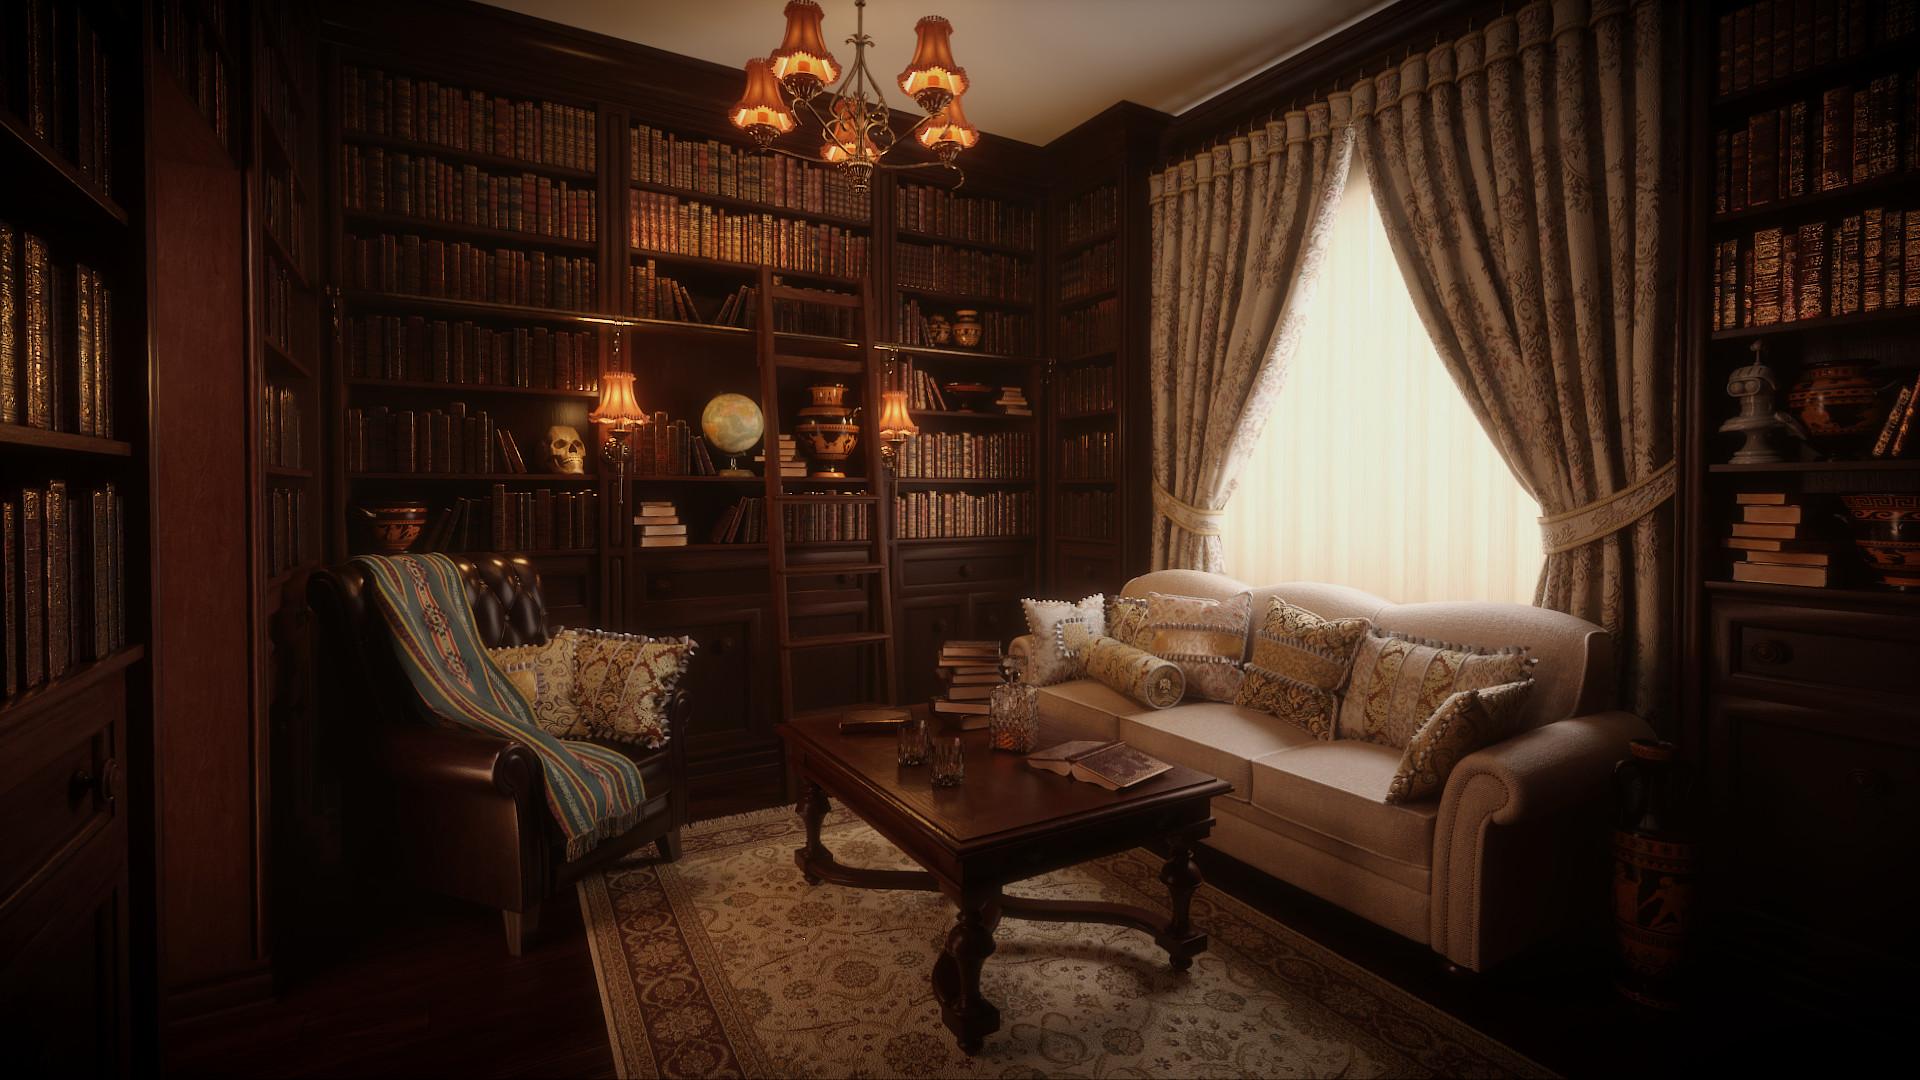 library_interior.jpg